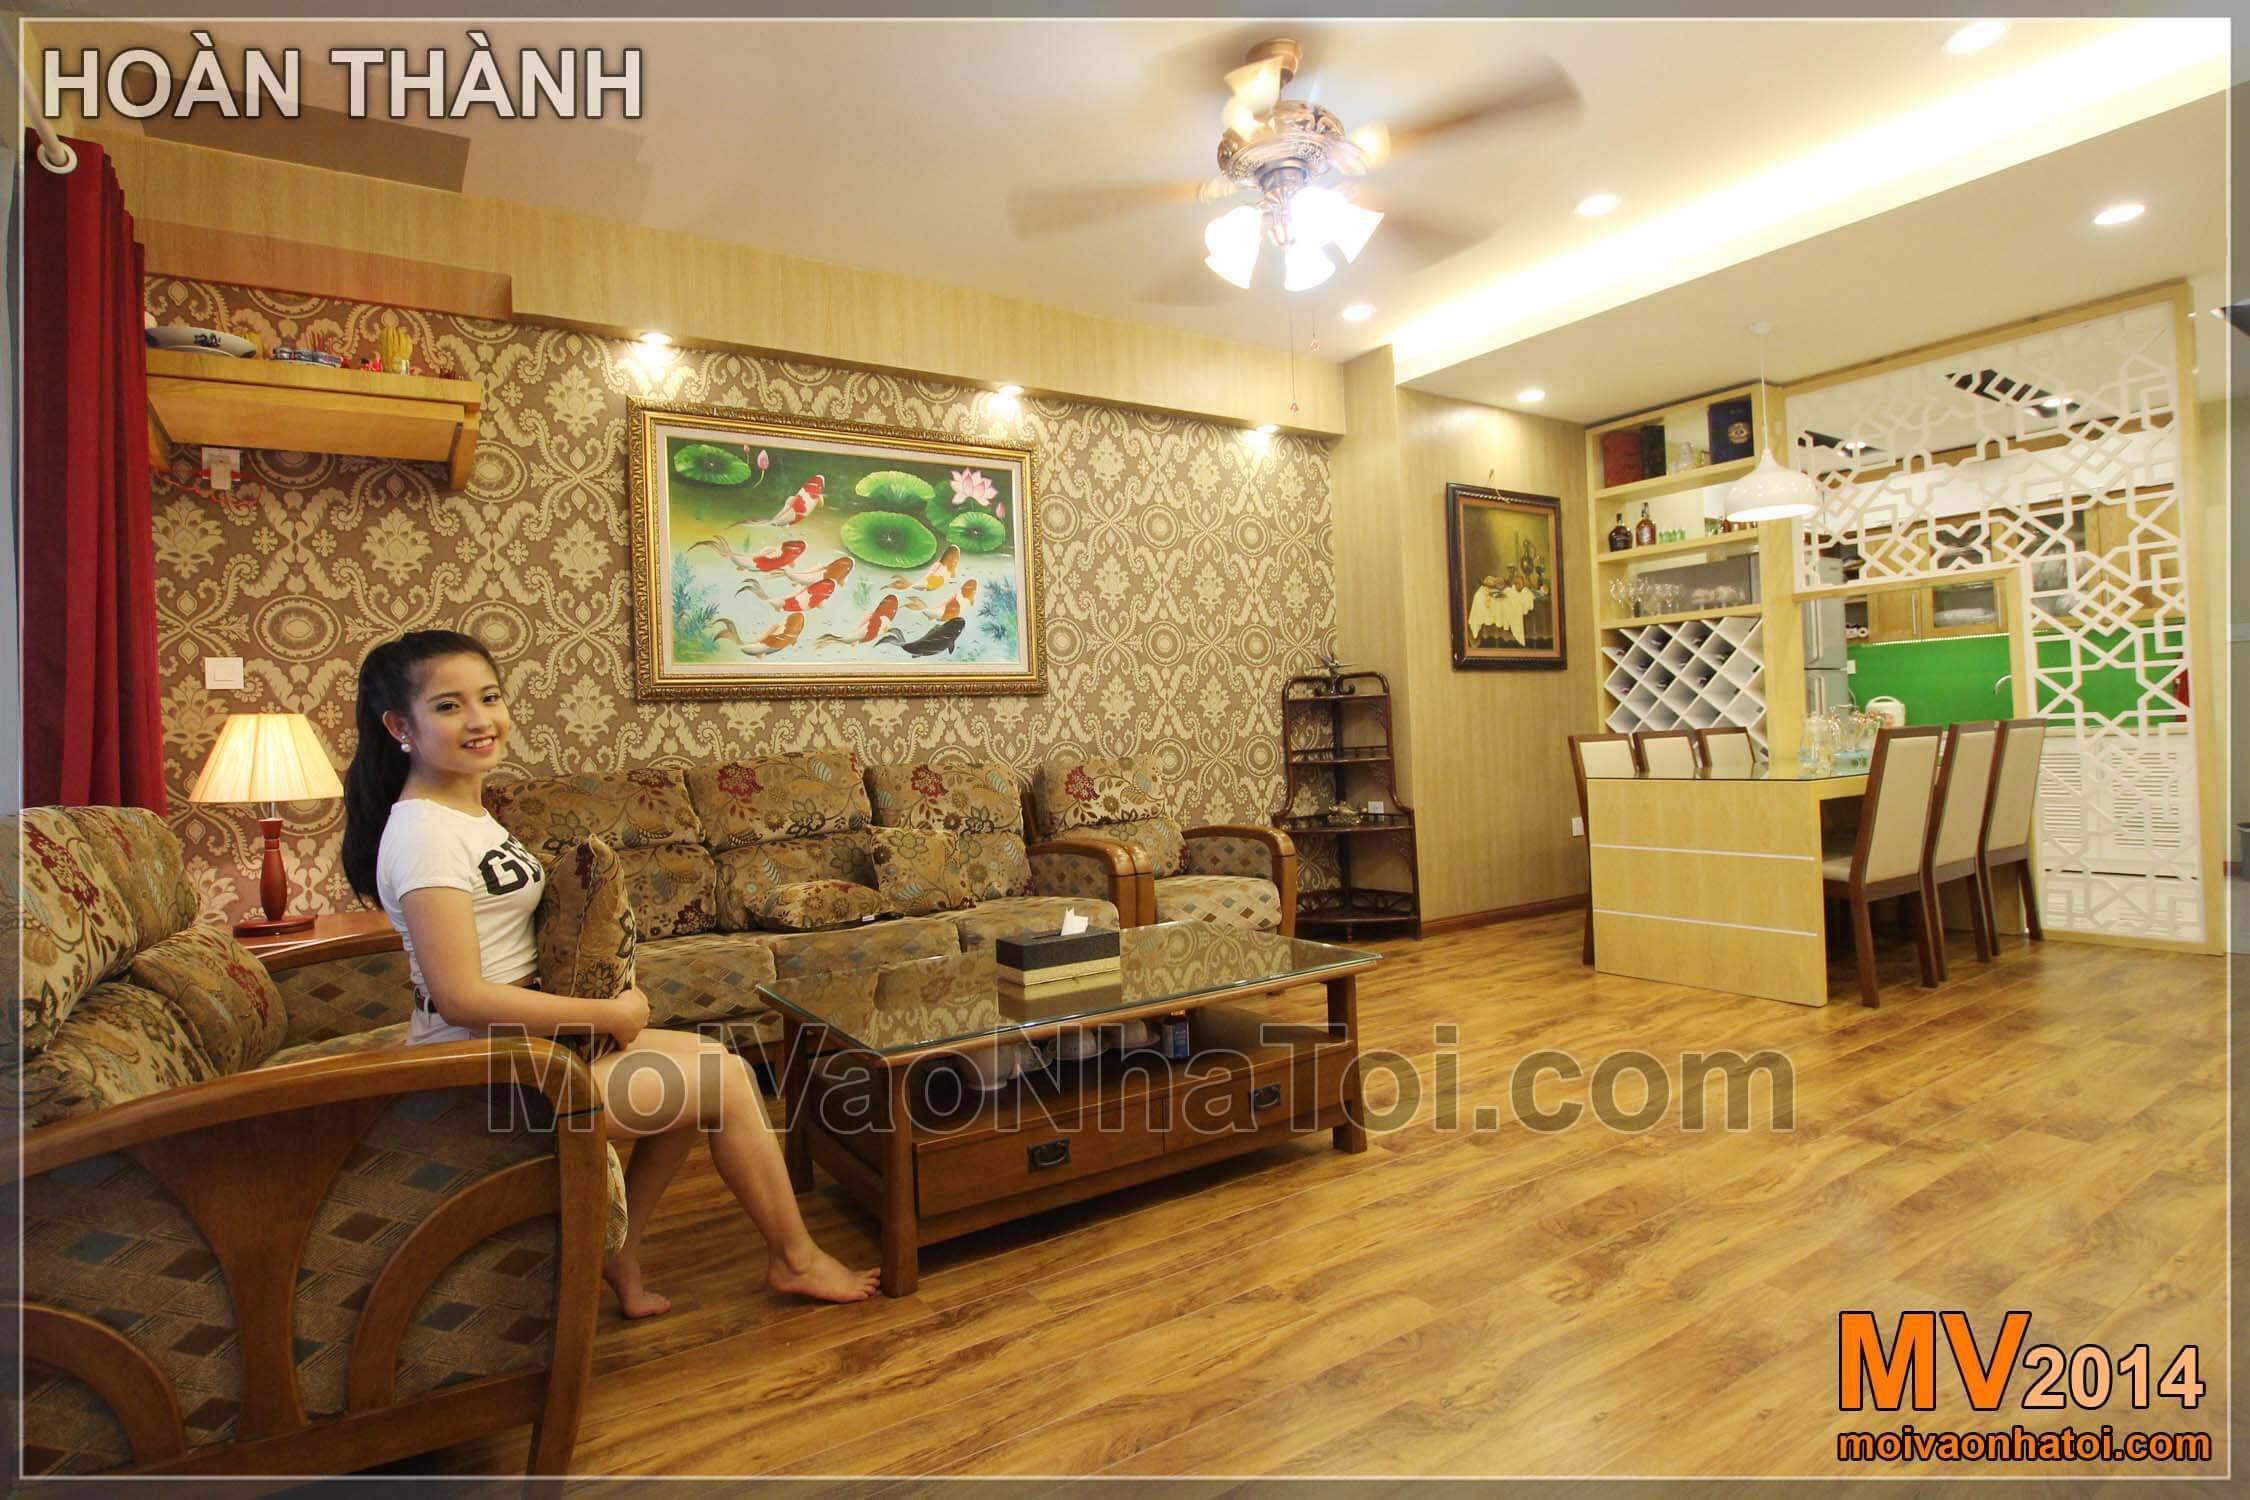 Chung cư Star City Nội thất phòng khách với ánh sáng và tông màu ấm